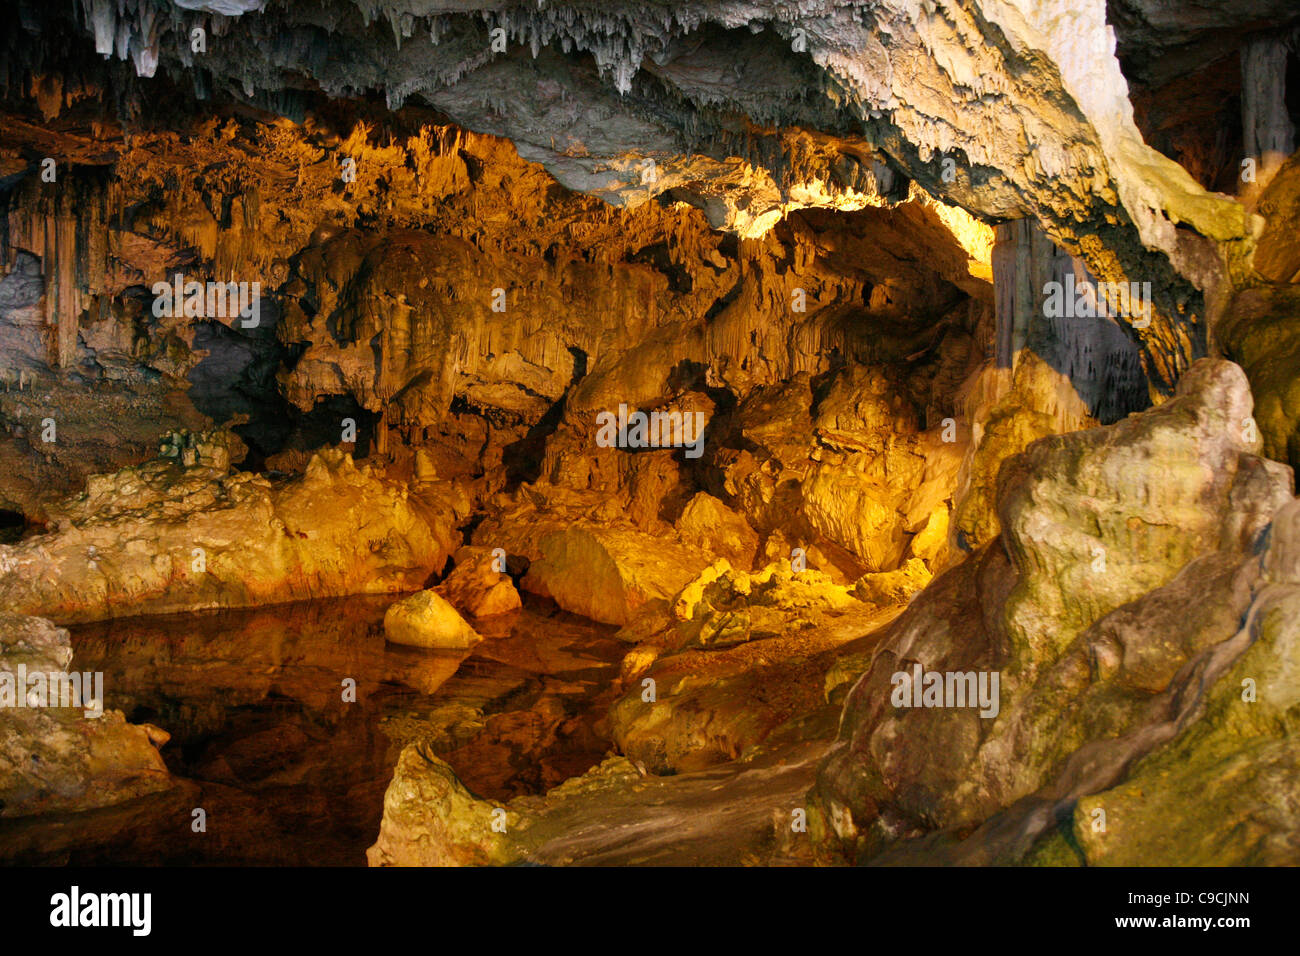 Grotta di Nettuno, Capo Caccia, Alghero, Sardinia, Italy. - Stock Image